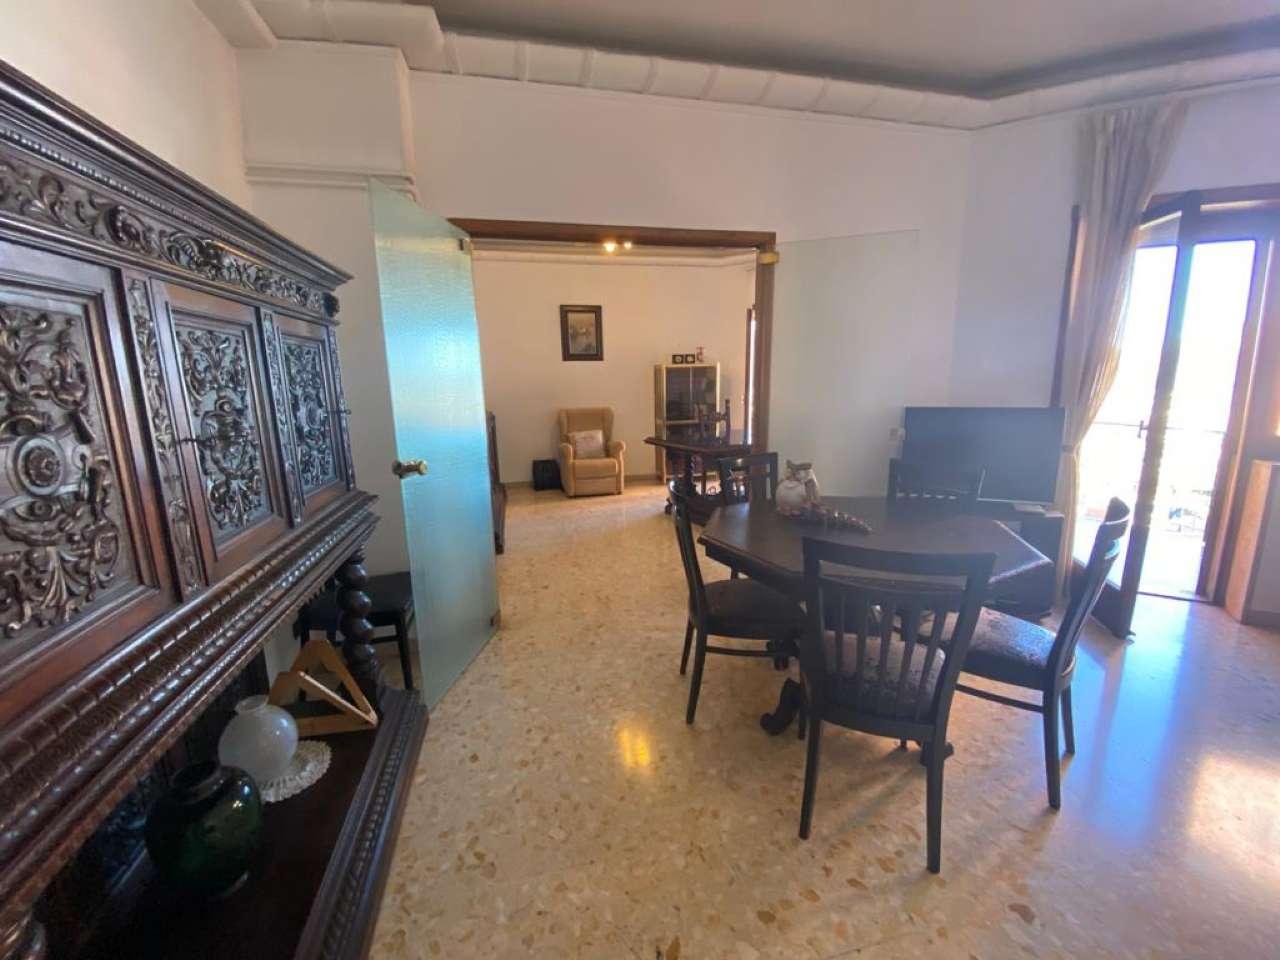 Appartamento, Via Francesco Cilea, Zona Vomero, Napoli, foto 4